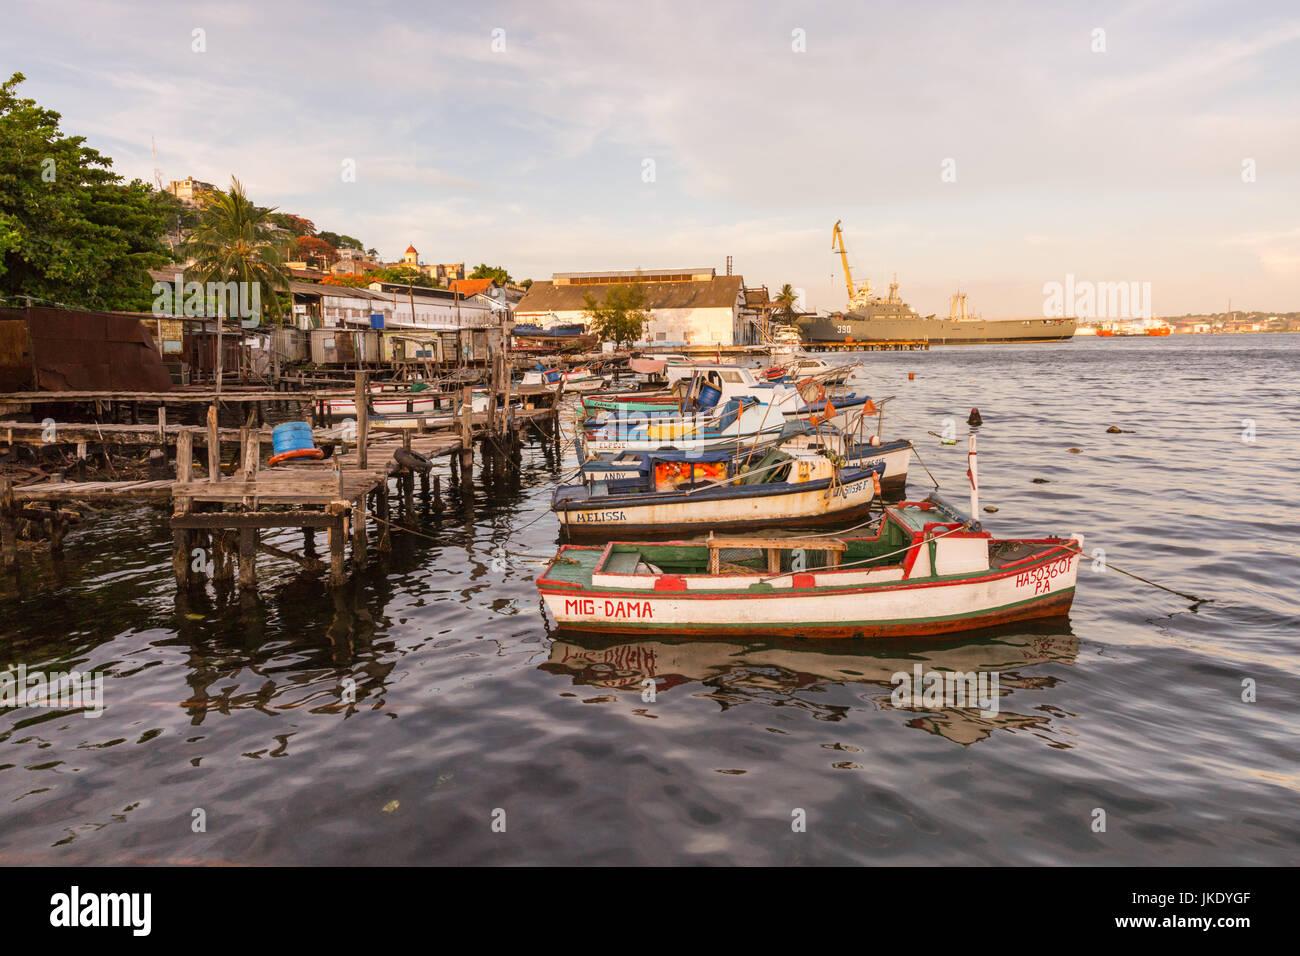 Barche da pesca e la marina militare cubana nave militare in Casa Blanca, Havana, Cuba Immagini Stock